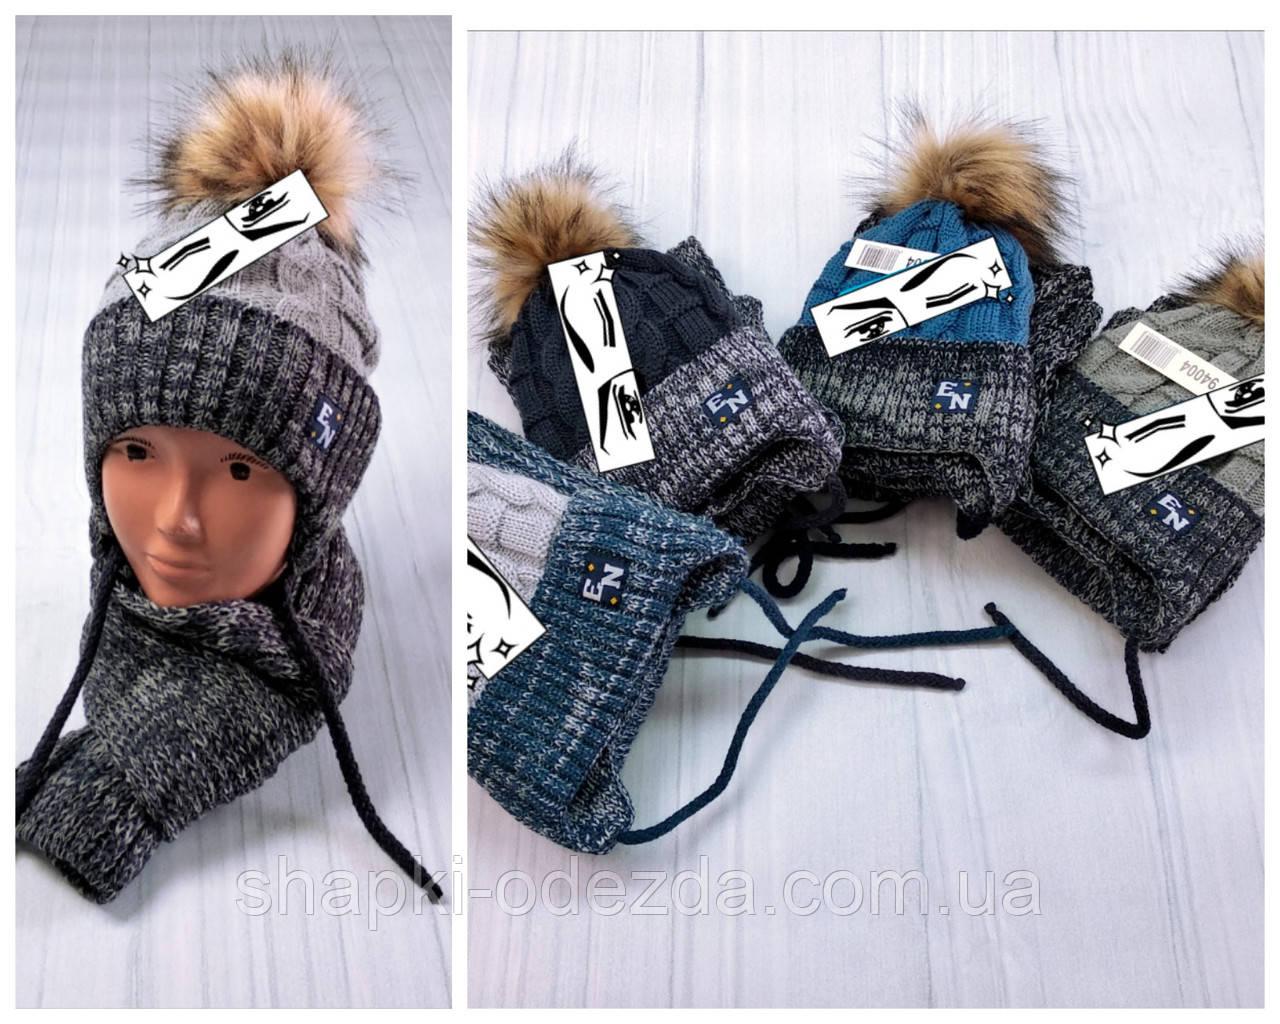 М 94004 Комплект для мальчика шапка с шнурками на флисе и шарф, разние цвета